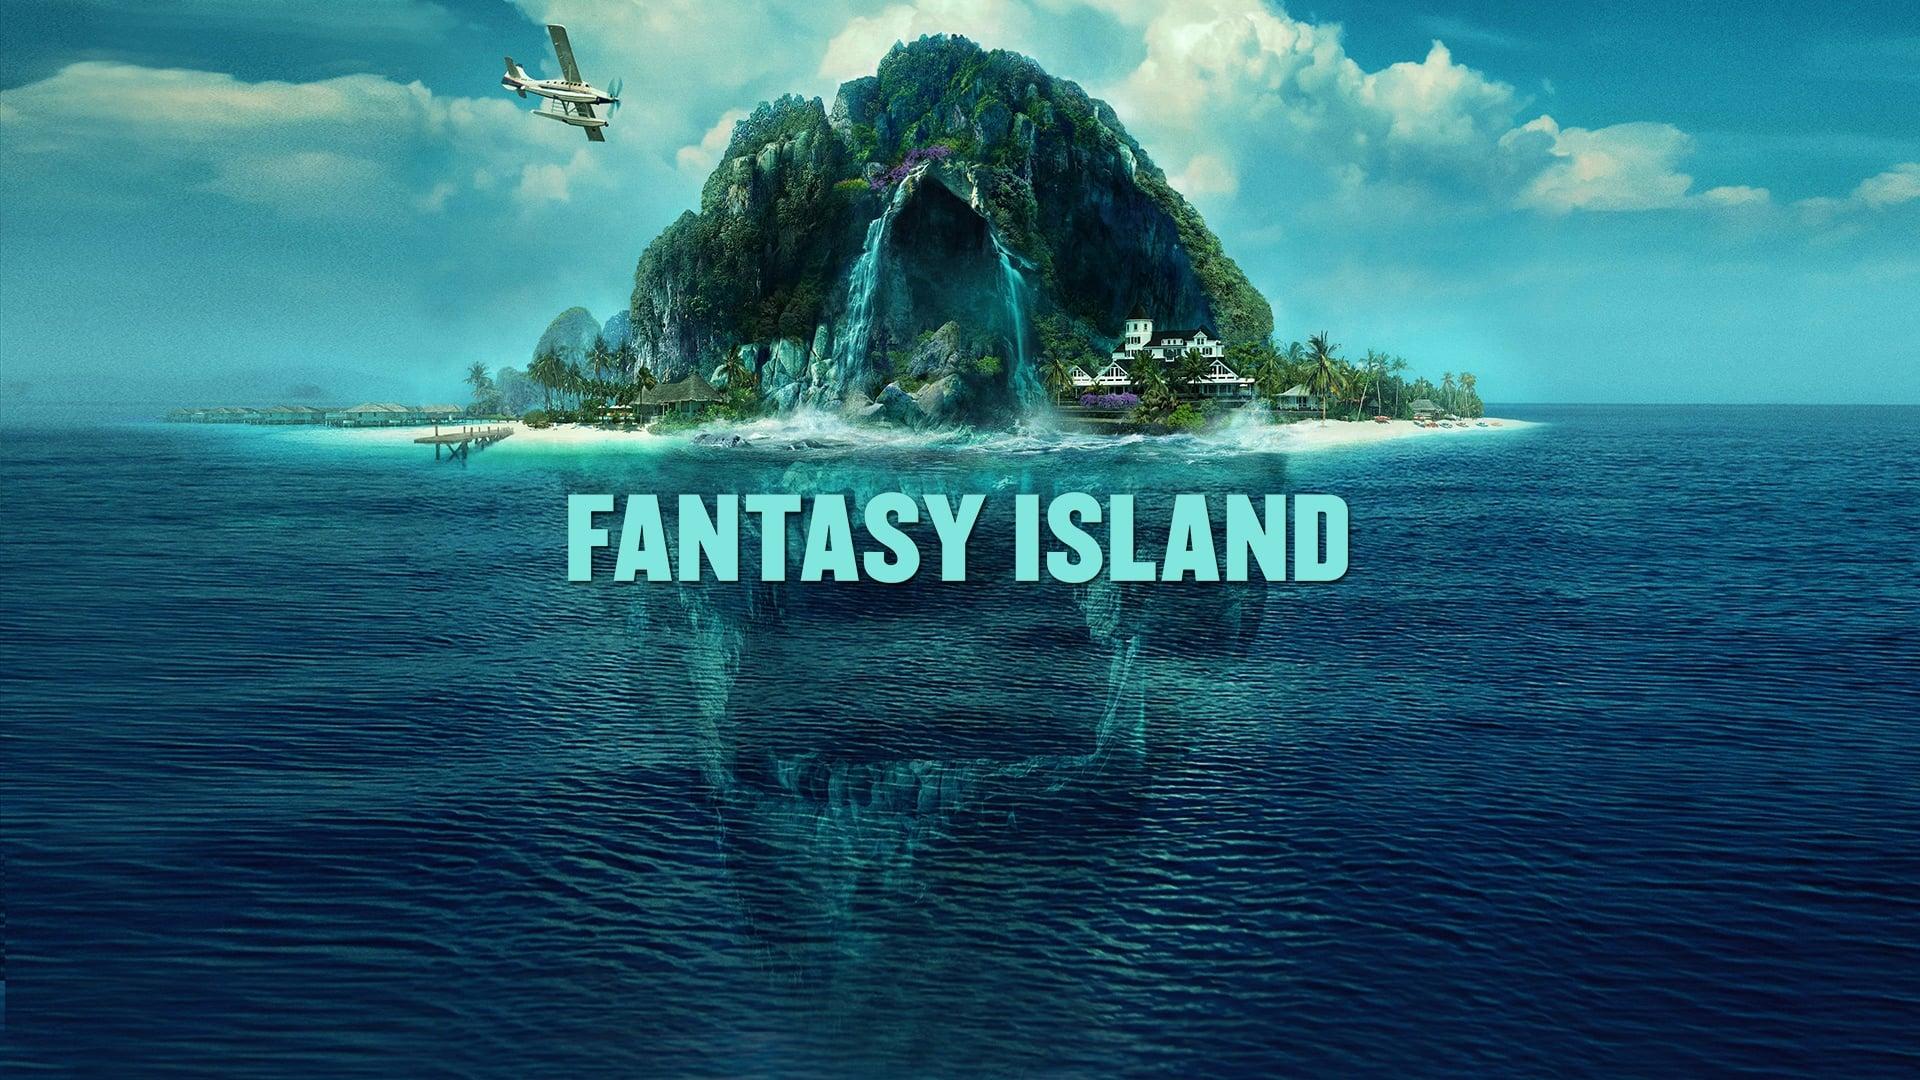 เกาะสวรรค์ เกมนรก (2020)